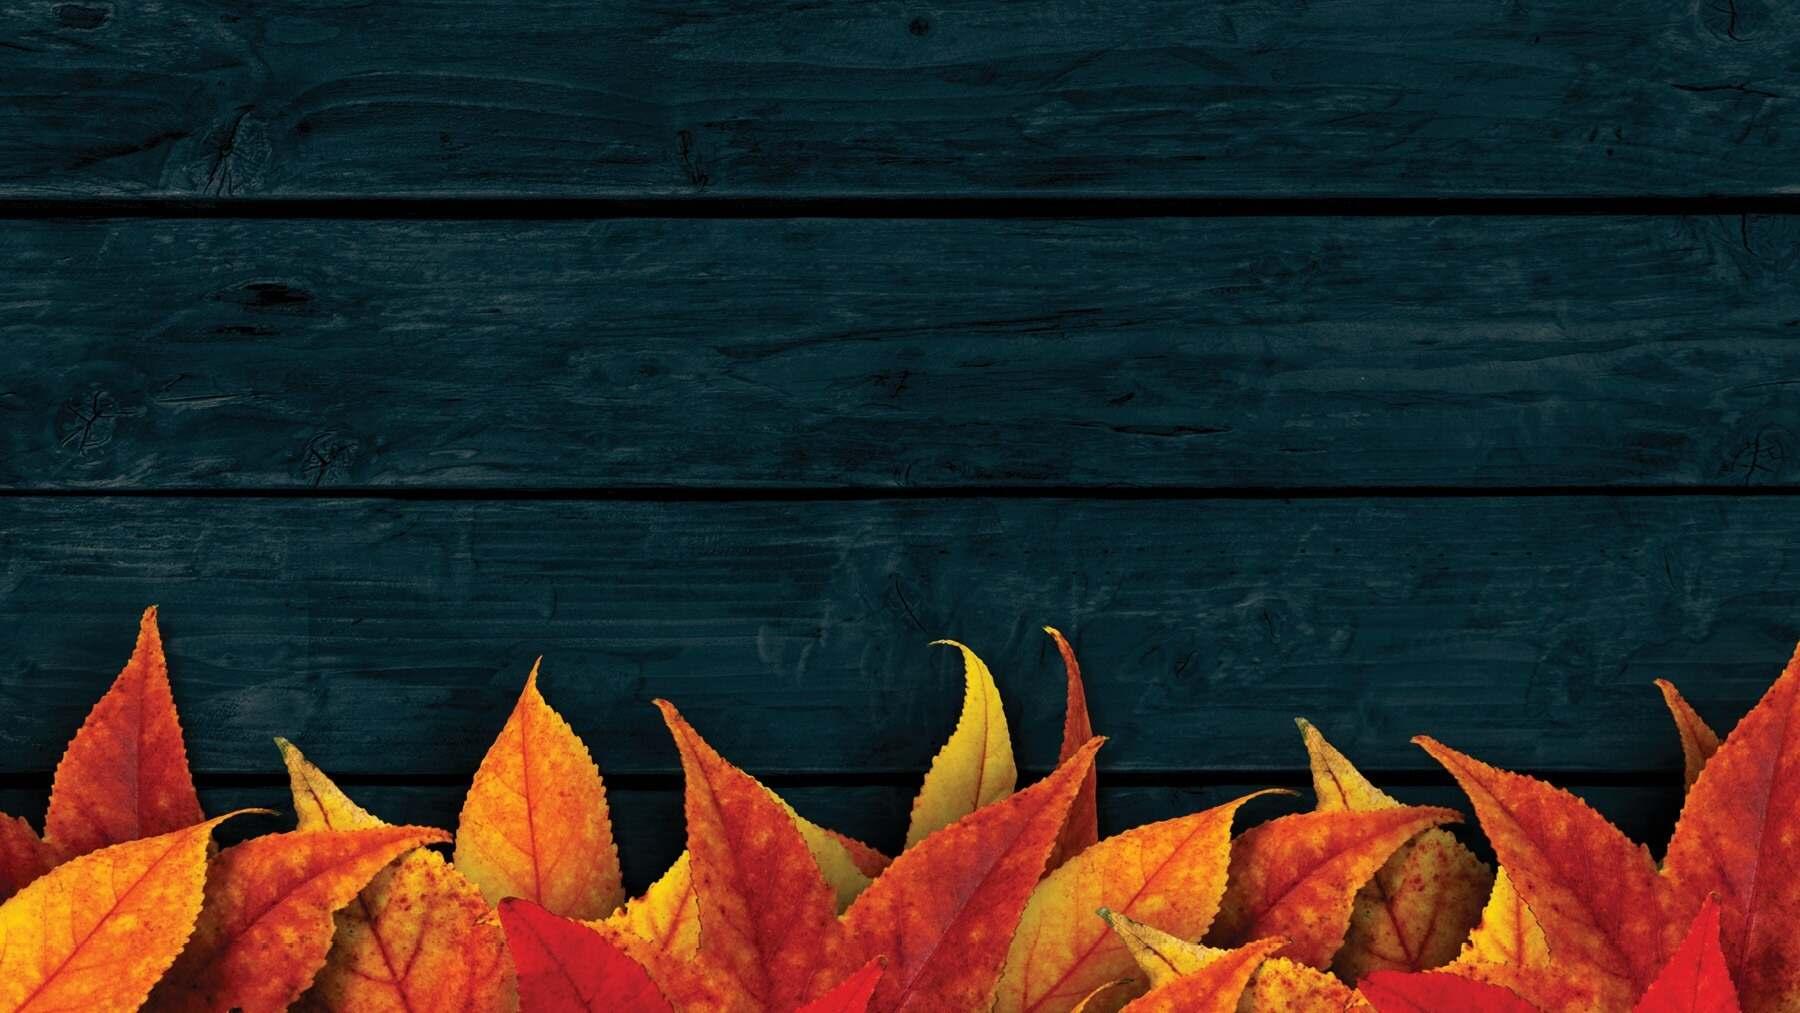 zoom background image 4